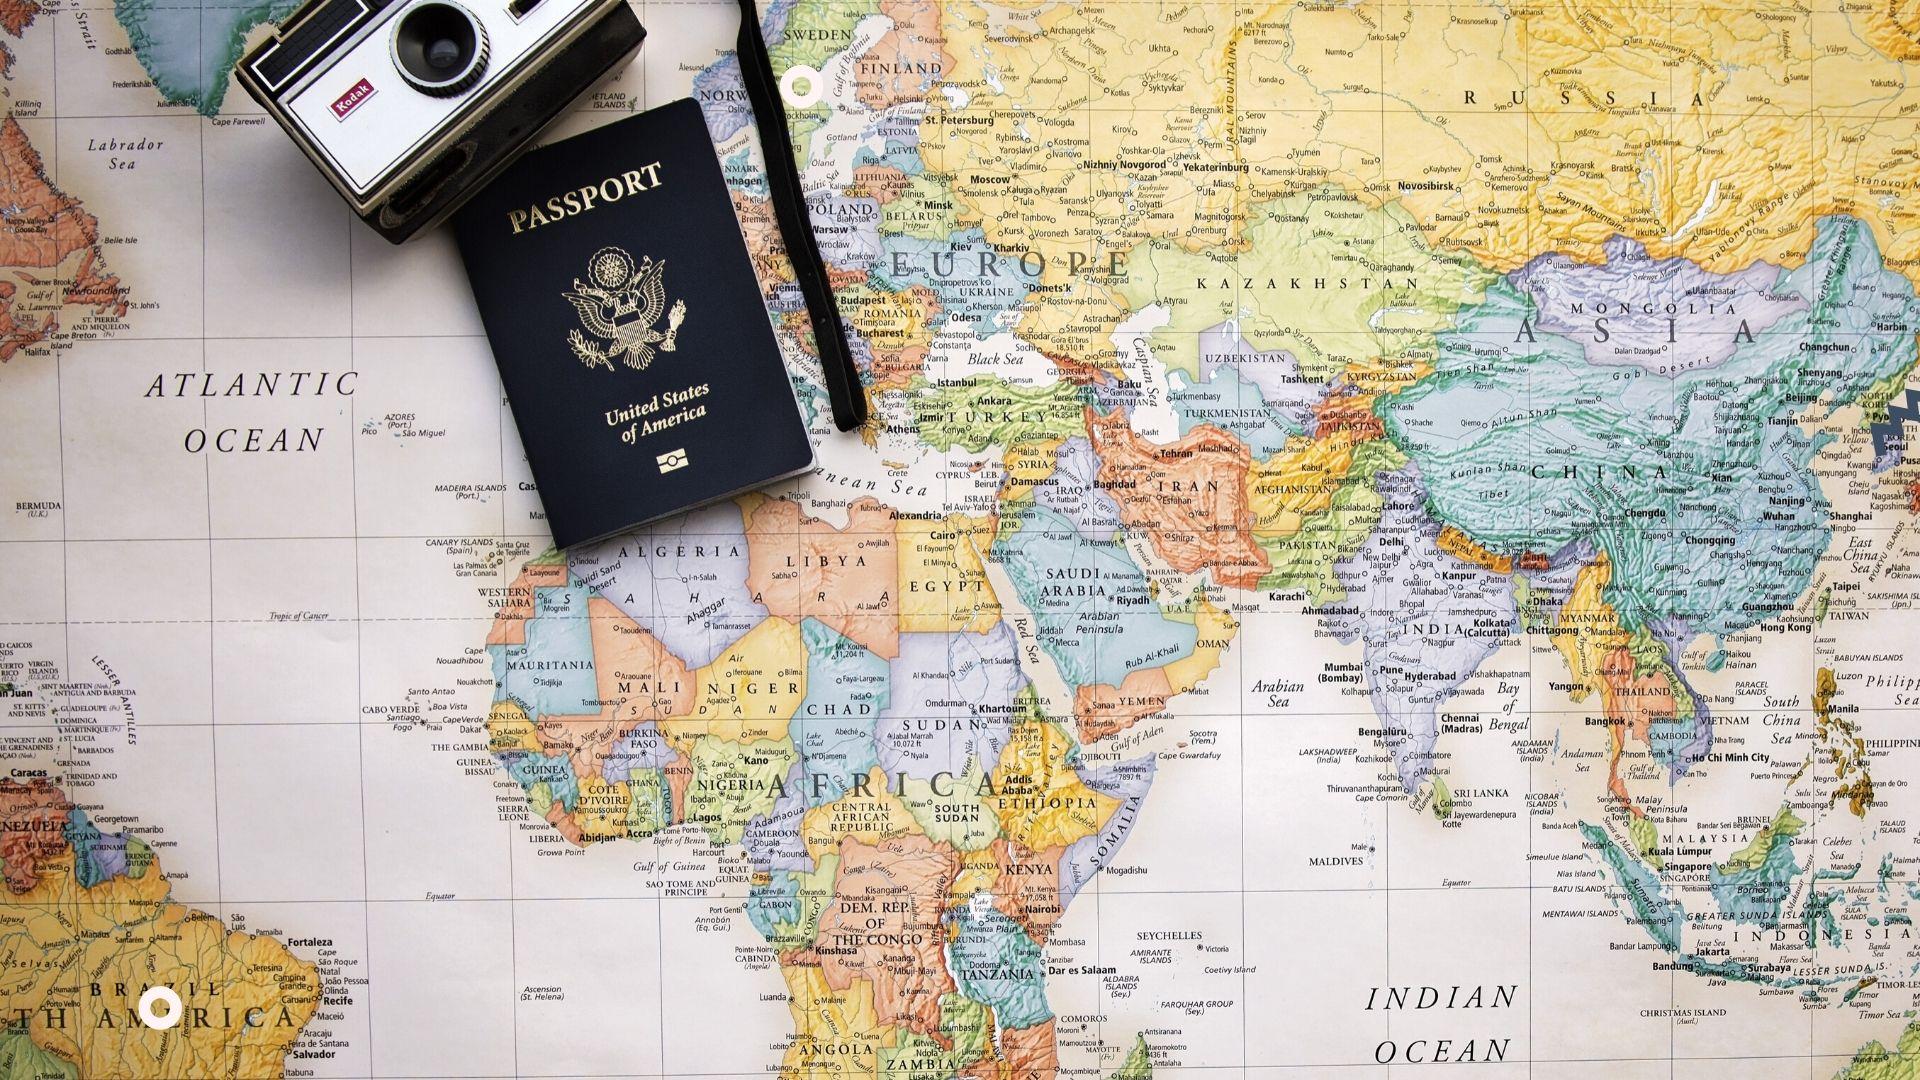 Trasferirsi all'estero-cartina geogarafica-passaporto-macchina fotografica